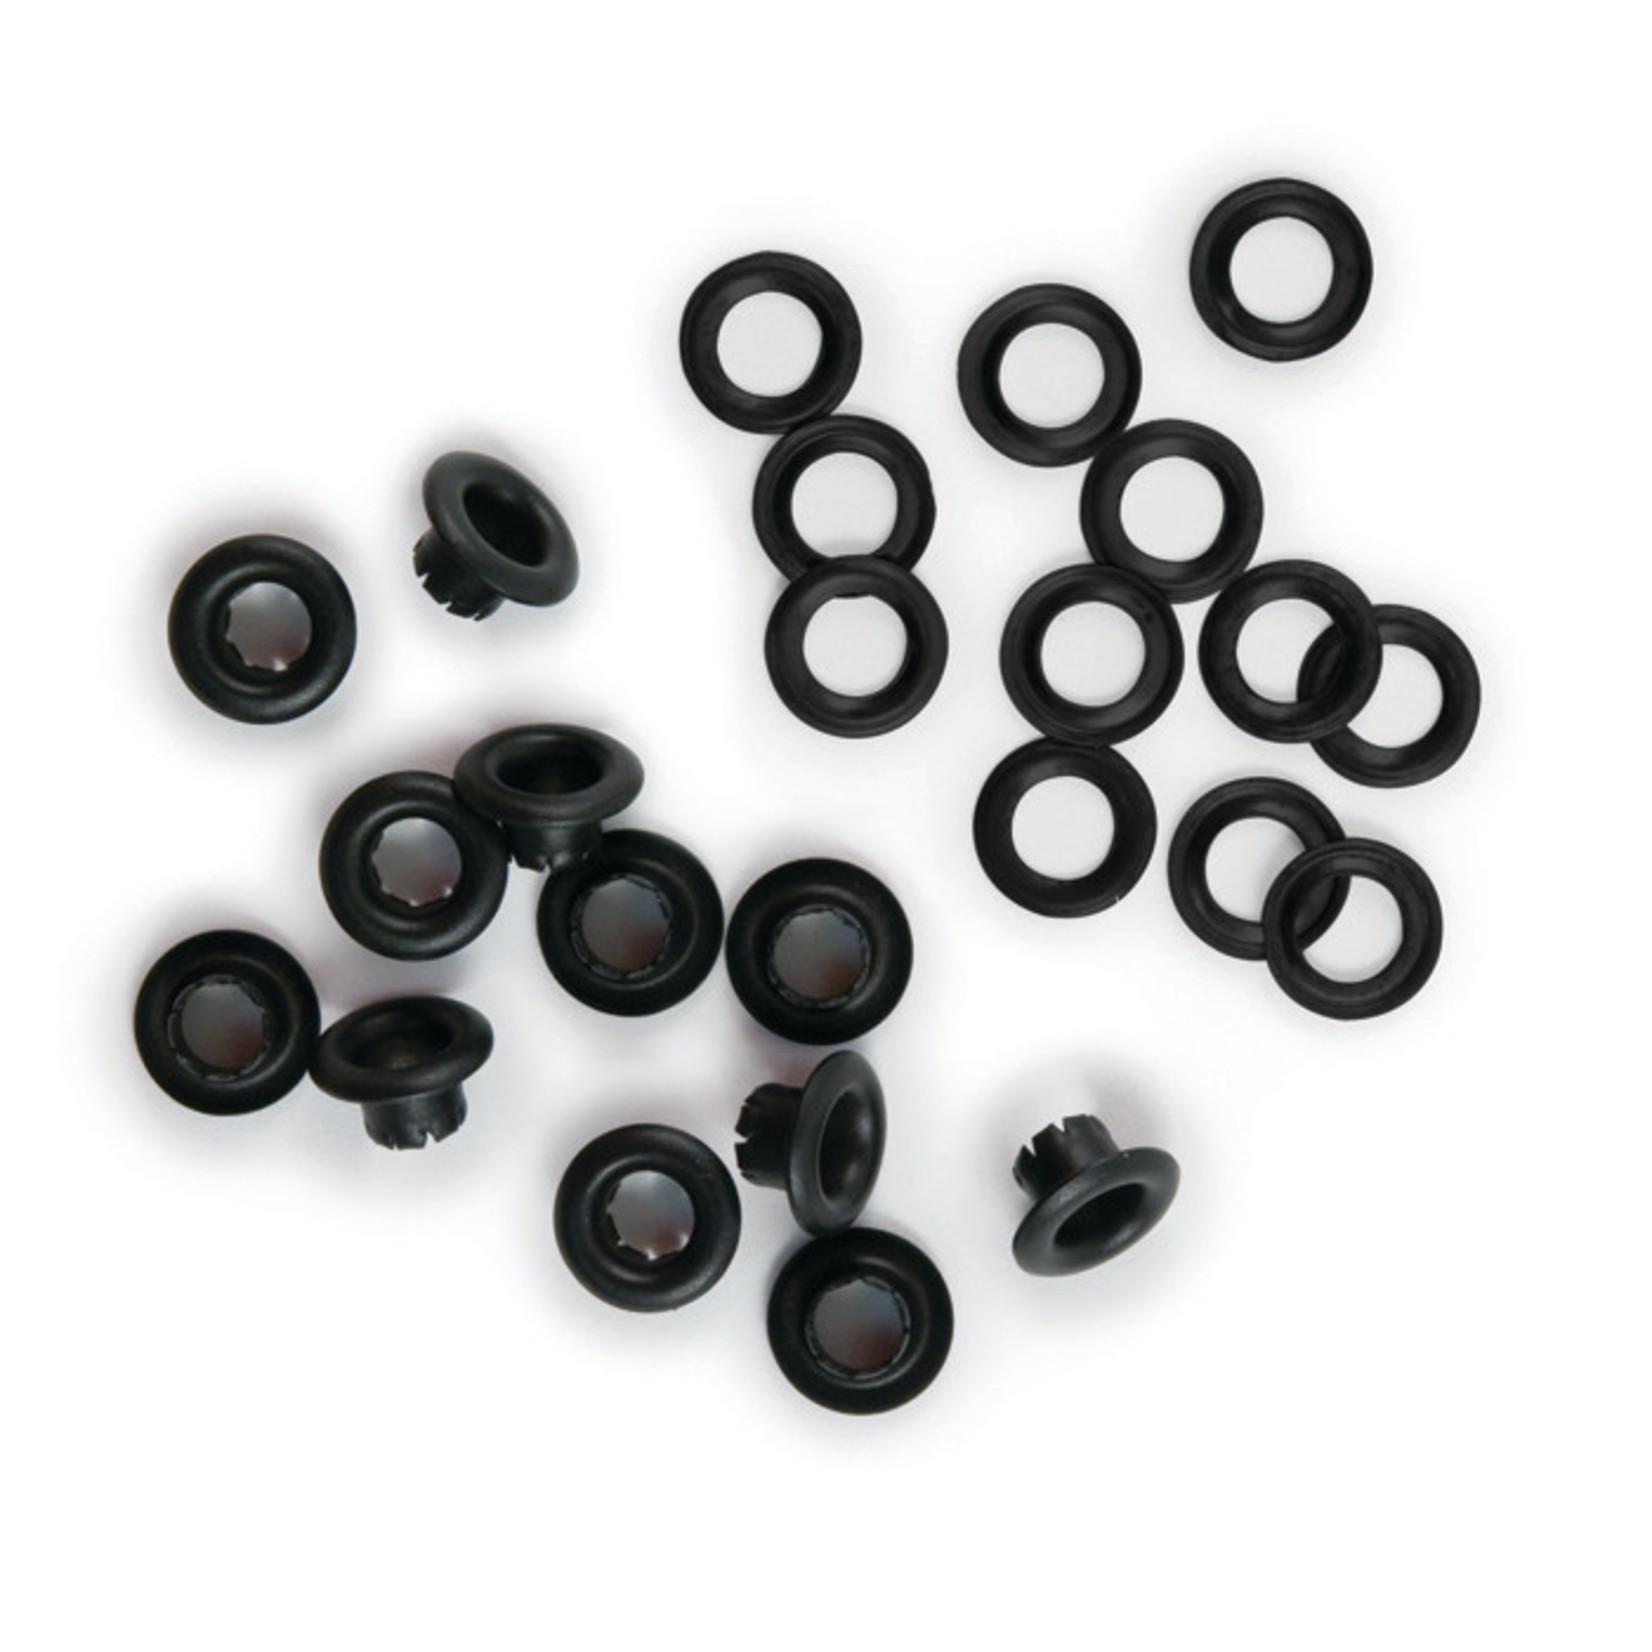 We R memory keepers We R Memory Keepers - Eyelets & Washers Standard-Black 70/Pkg